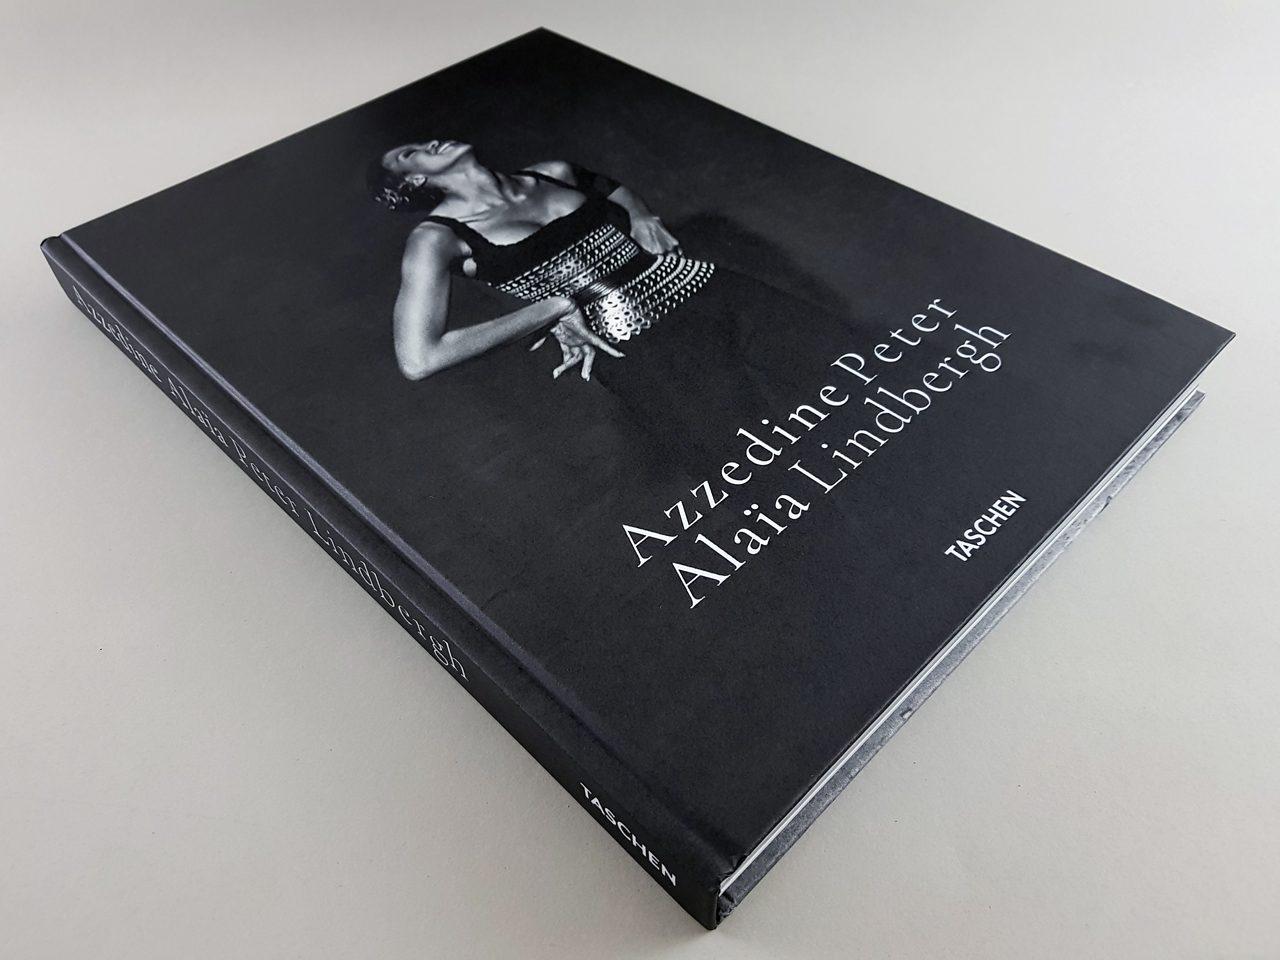 Peter Lindbergh. Azzedine Alaïa TASCHEN Verlag Buchcover liegend